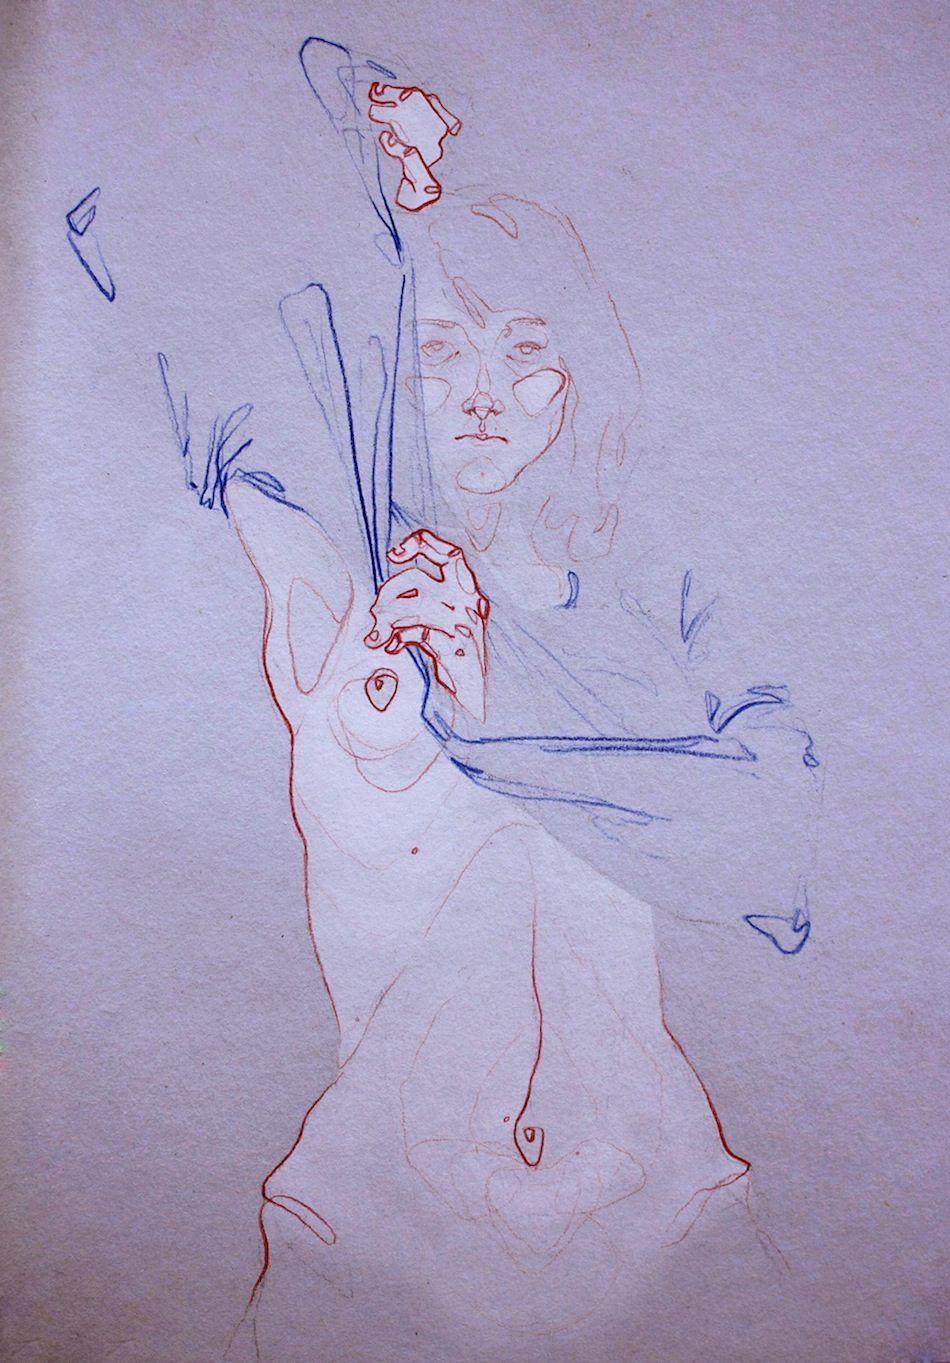 Undressing by Adara Sánchez Anguiano | iGNANT.de